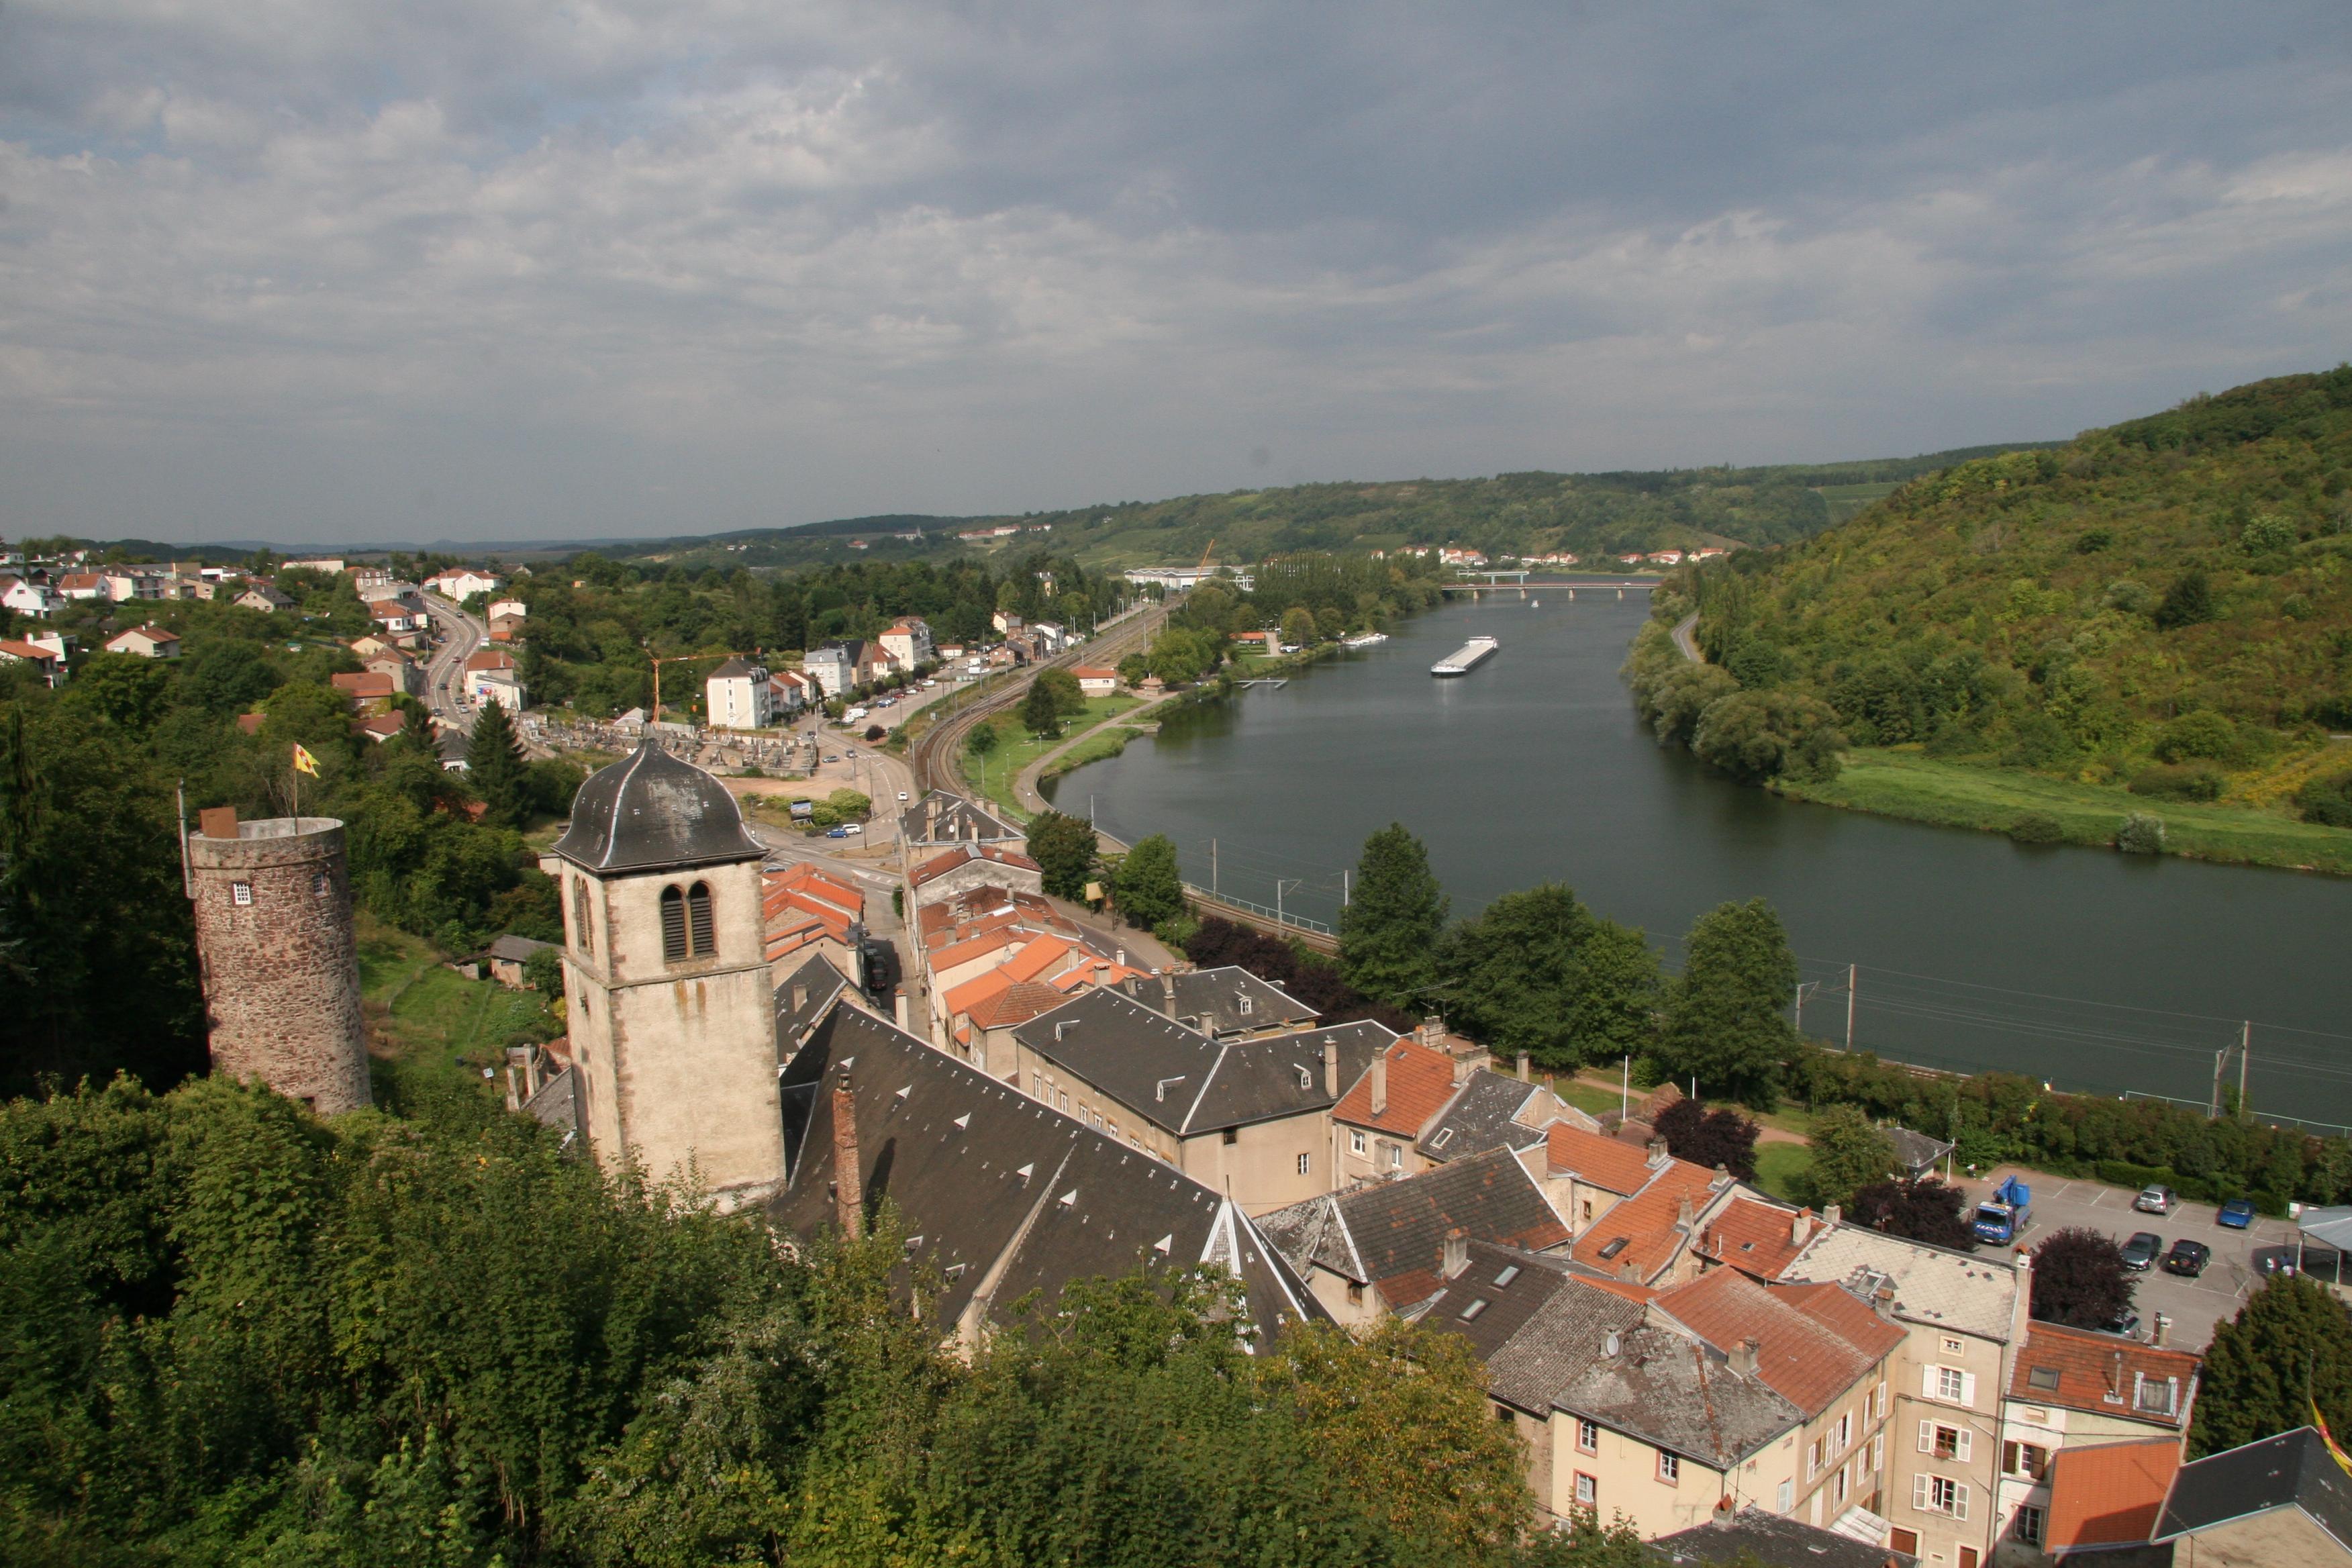 File:Sierck les Bains Lorrainelorraine town